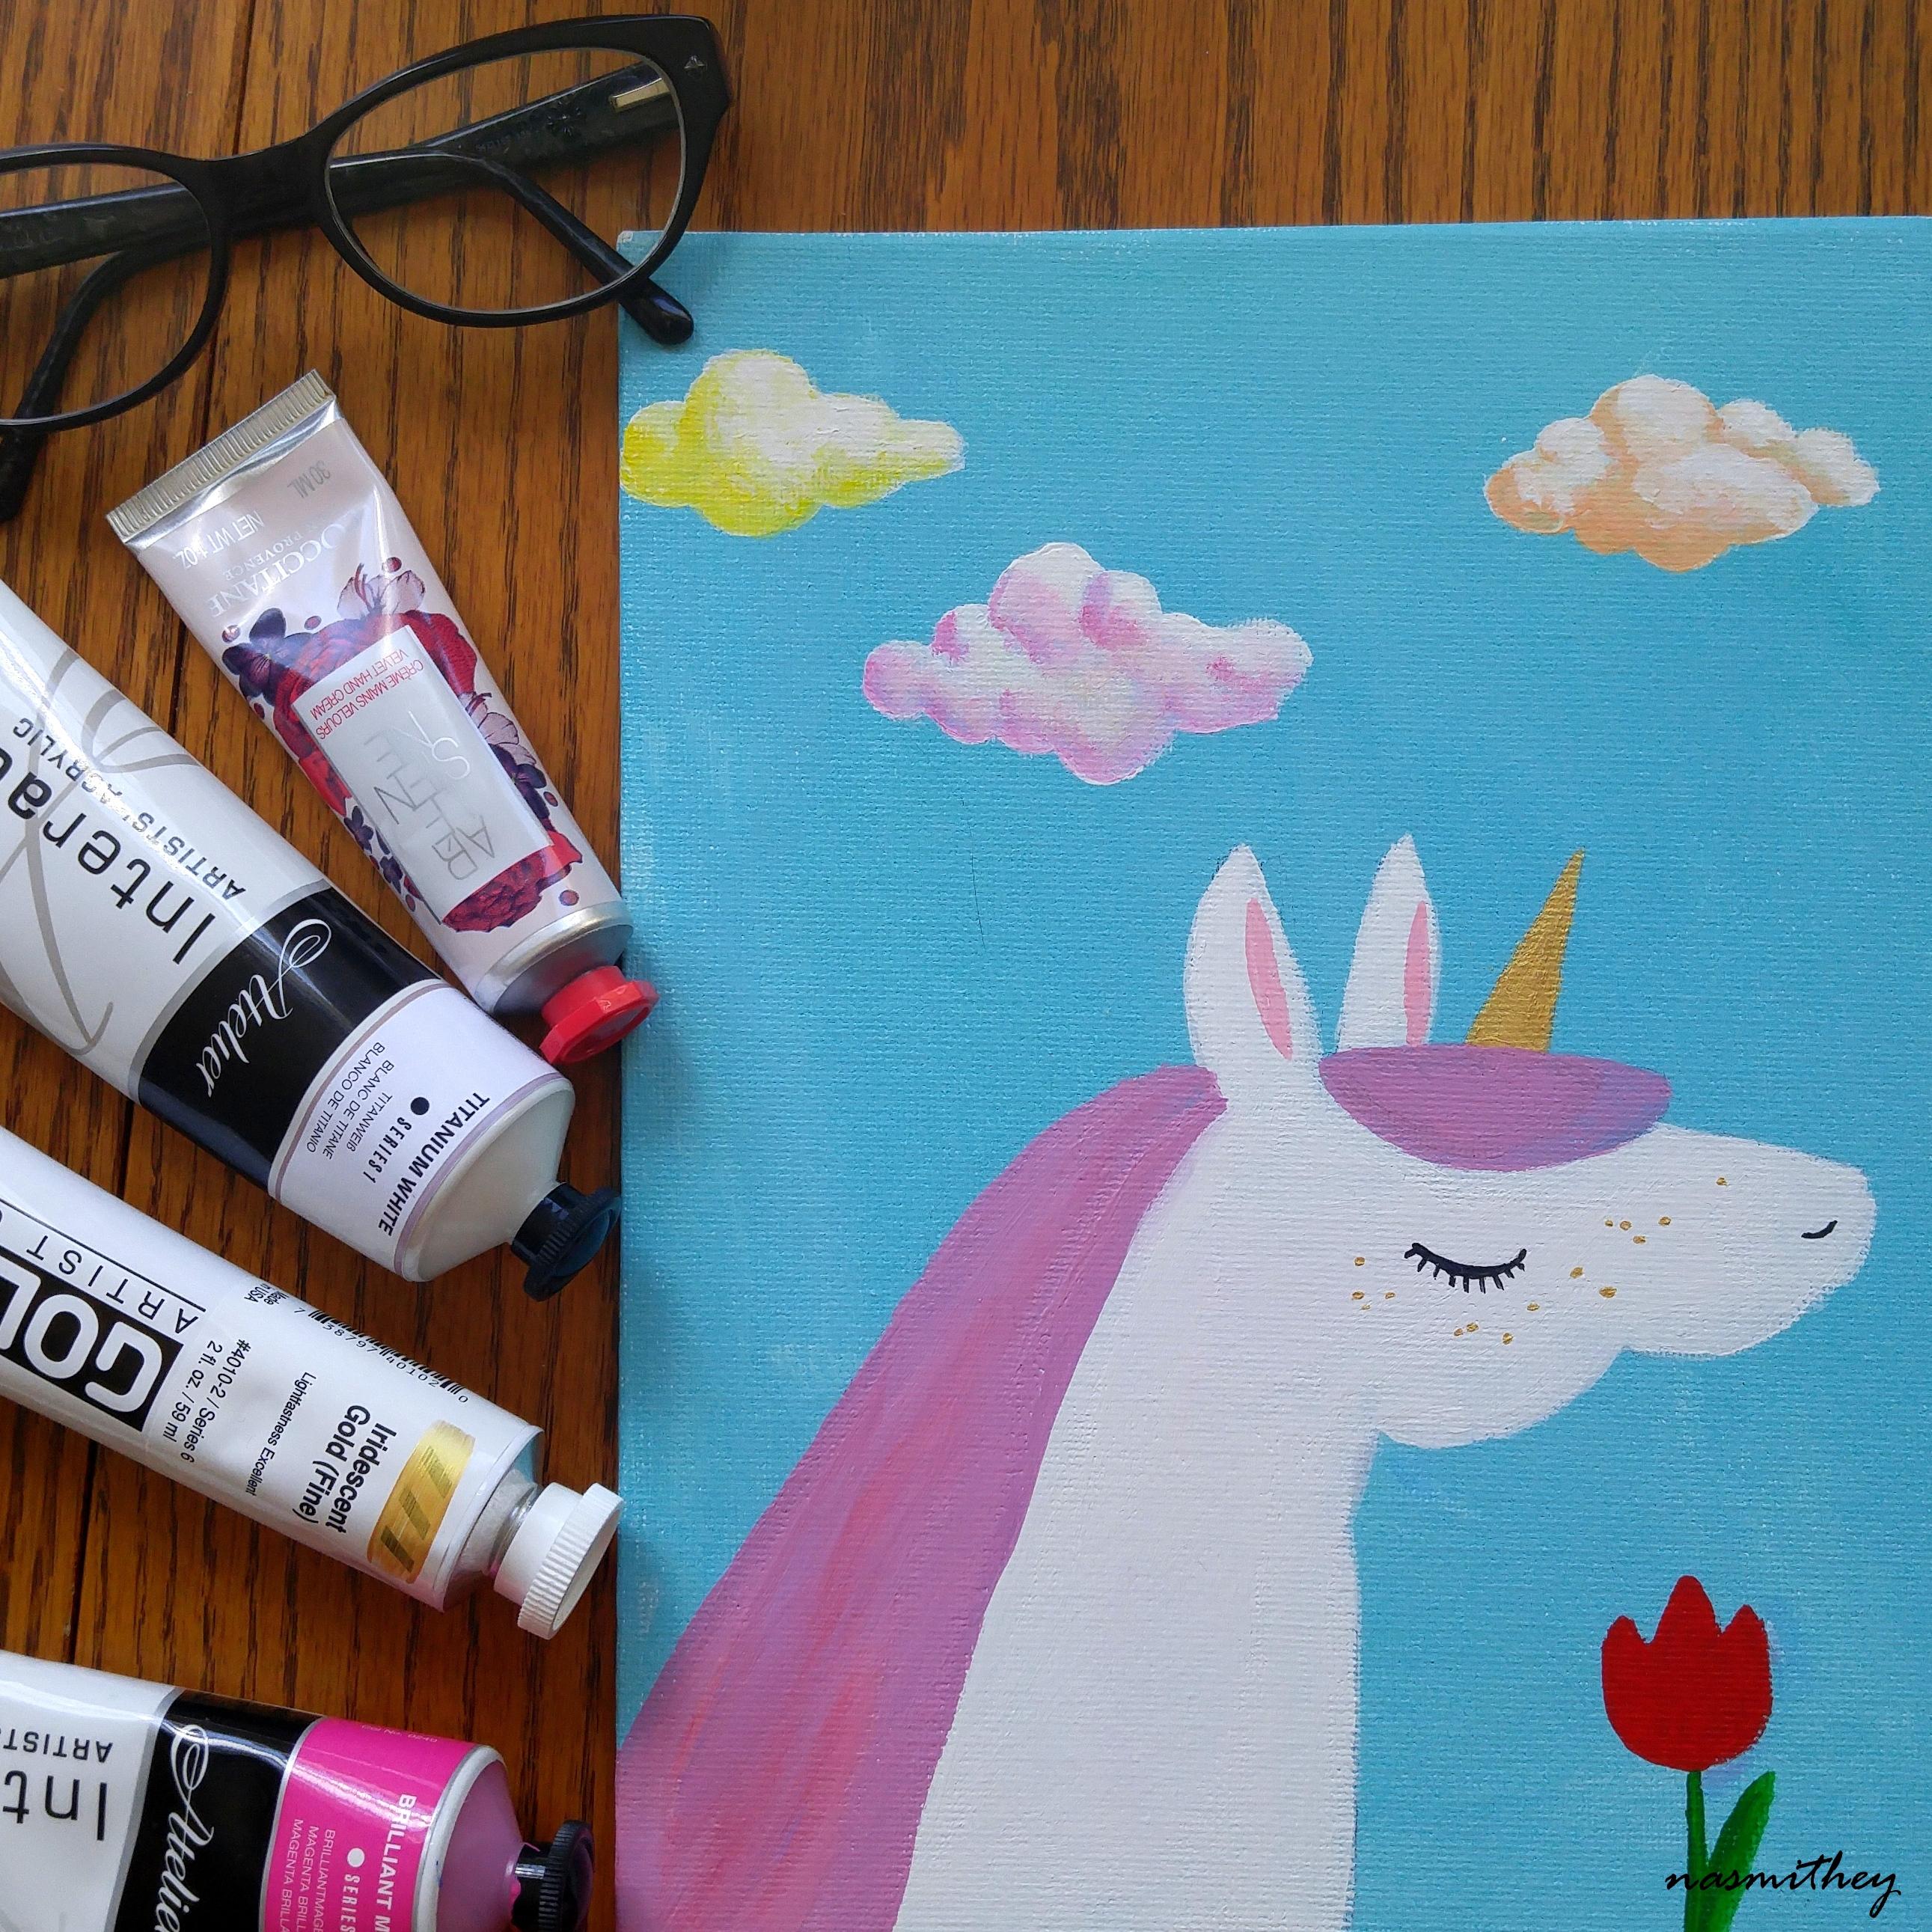 unicorn by paula nasmith